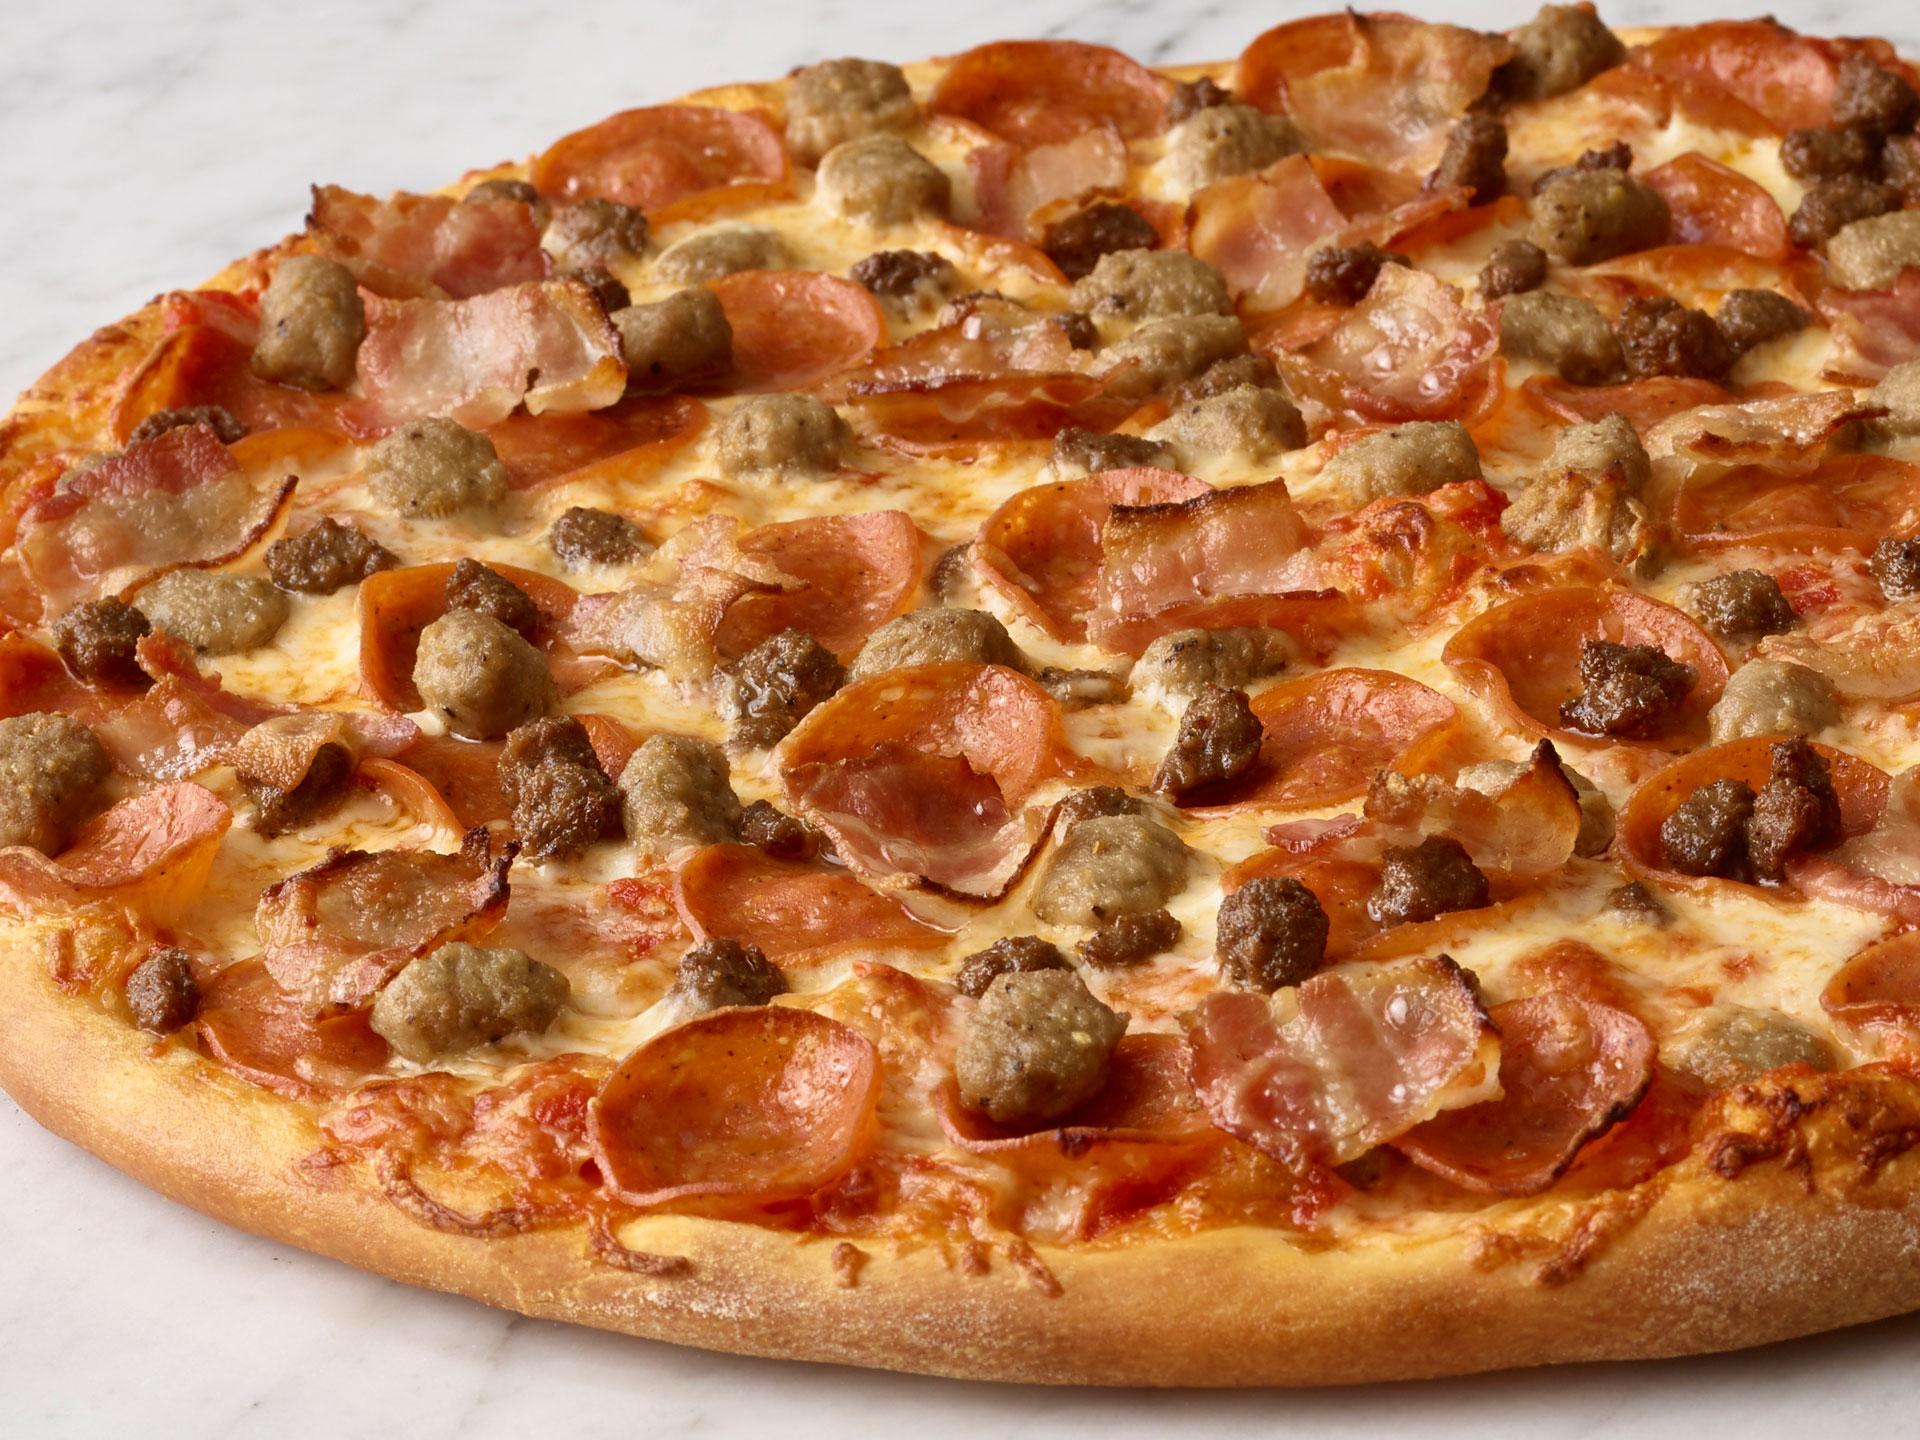 بالصور صور بيتزا , اجمل مناظر لقطع البيتزا الايطالية 1290 6